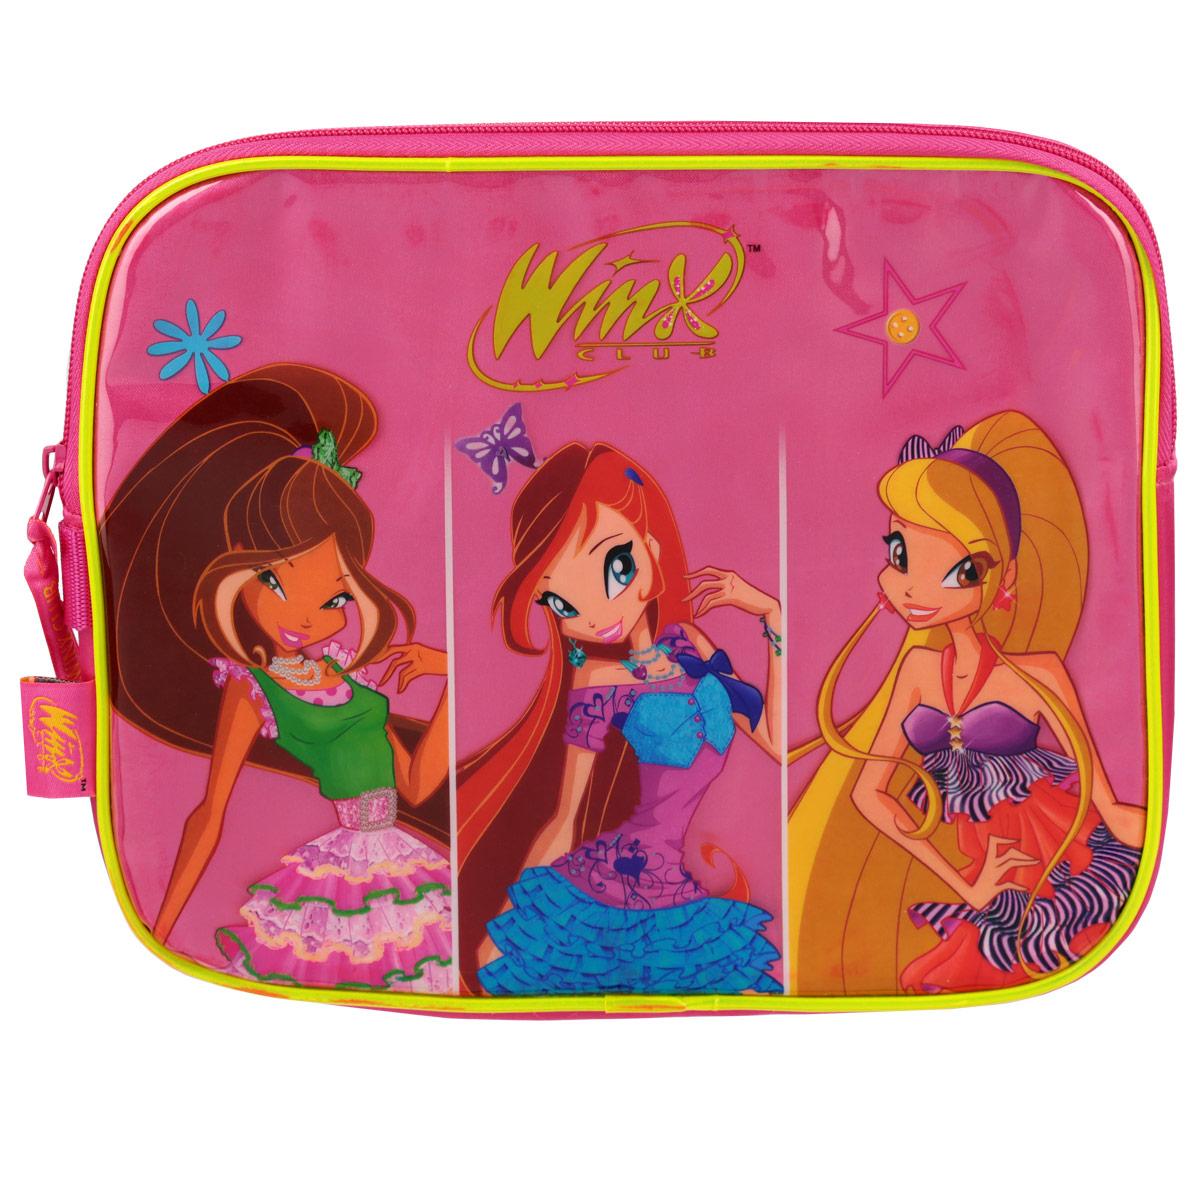 Сумочка детская для IPad Winx Club, цвет: розовый. 62596 winx club сумка детская 62462